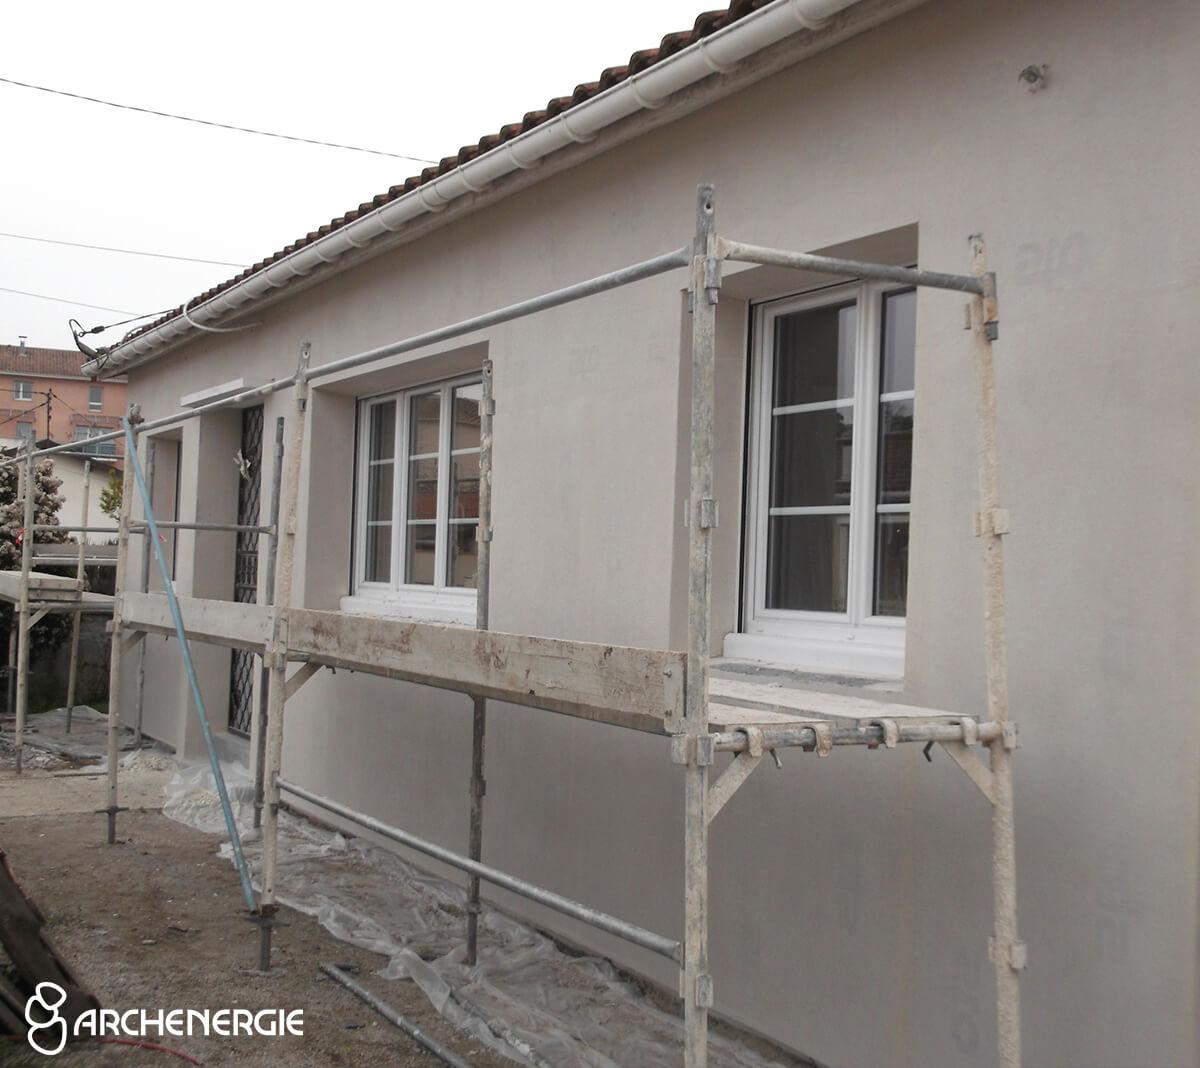 maison mérignac gironde 33 pendant travaux d'isolation par l'extérieur ITE